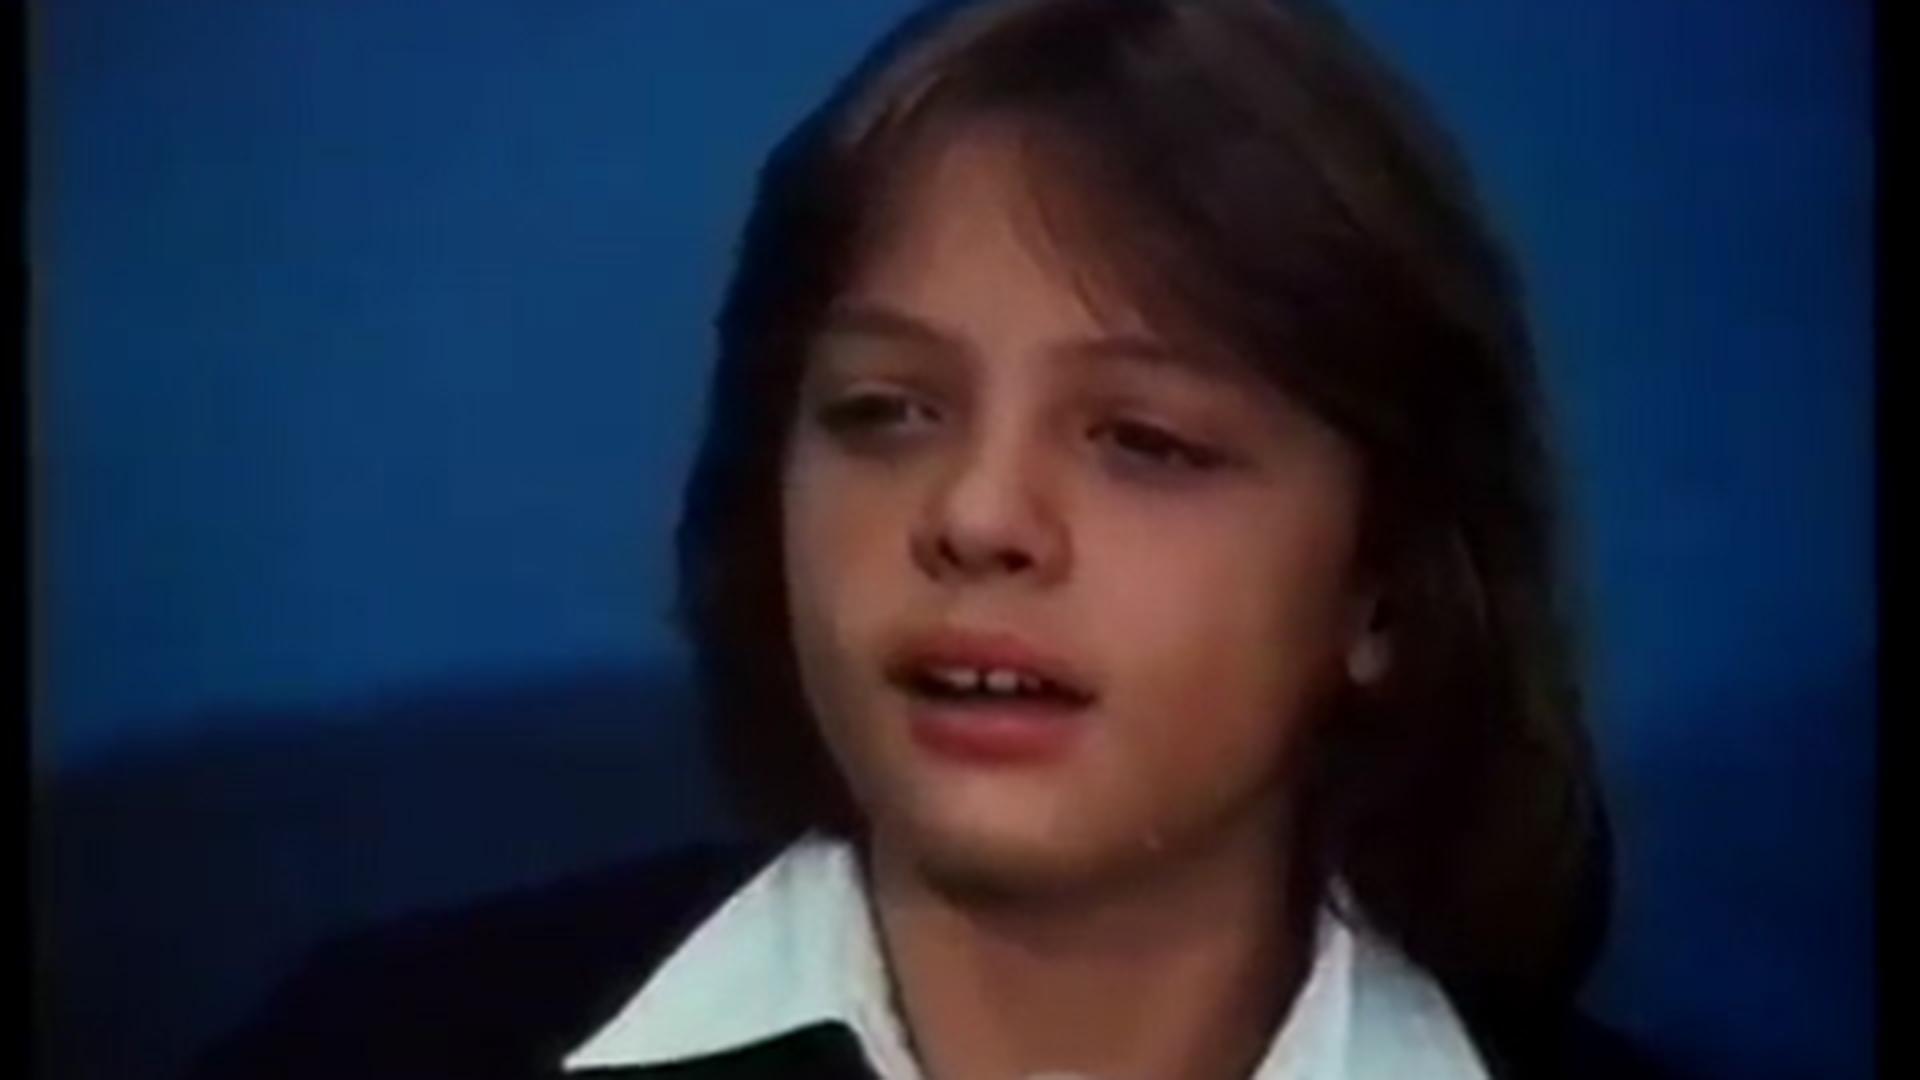 En su primer largometraje, Luis Miguel interpreta varias canciones